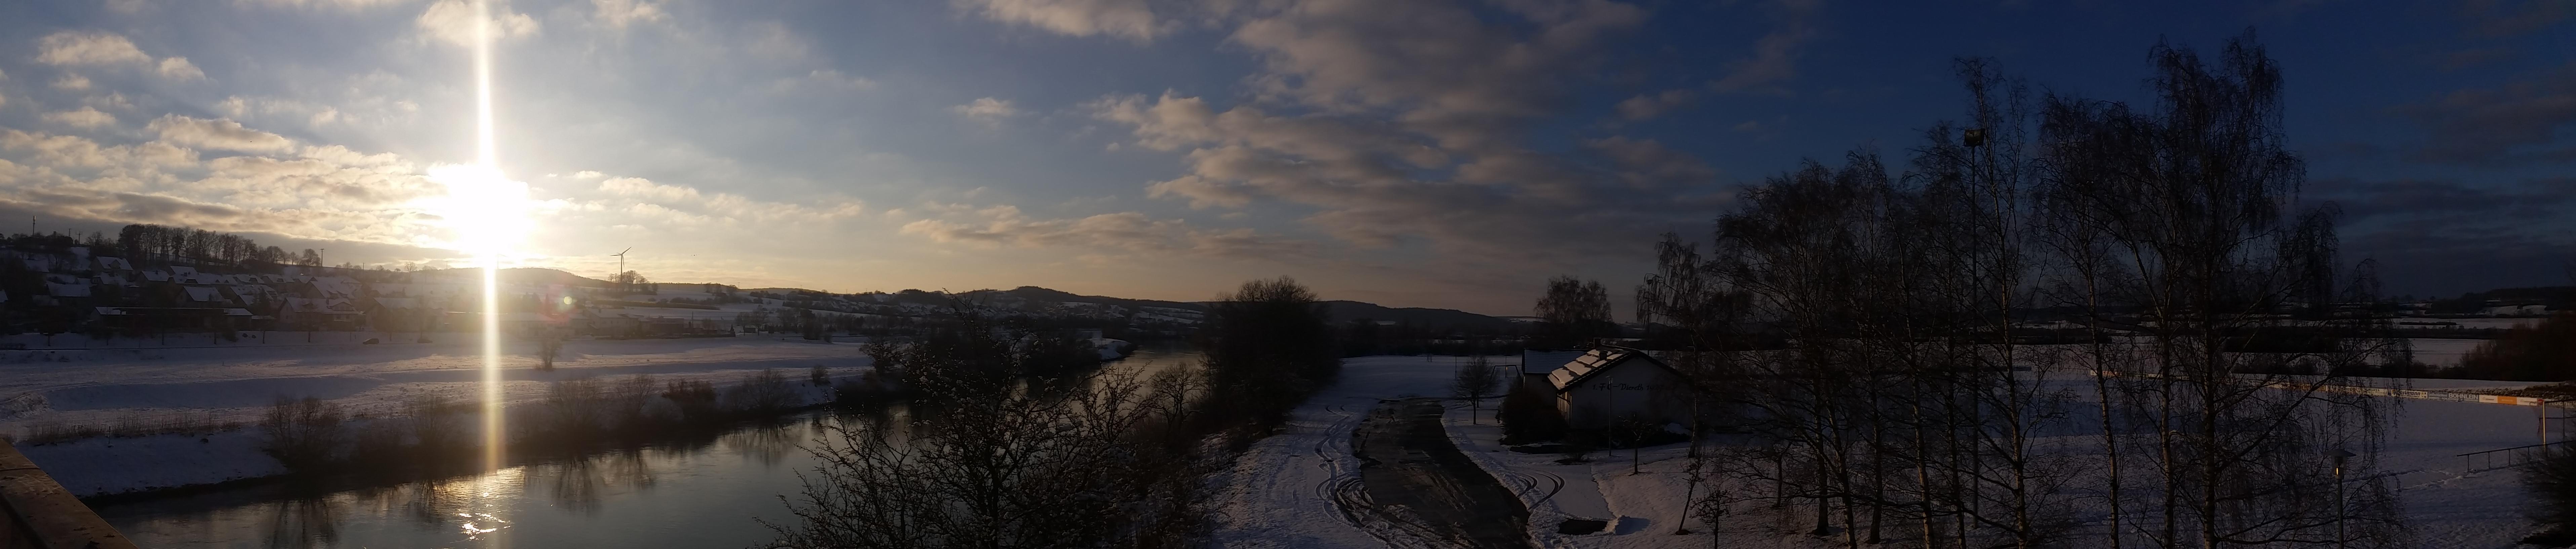 winterbild_4